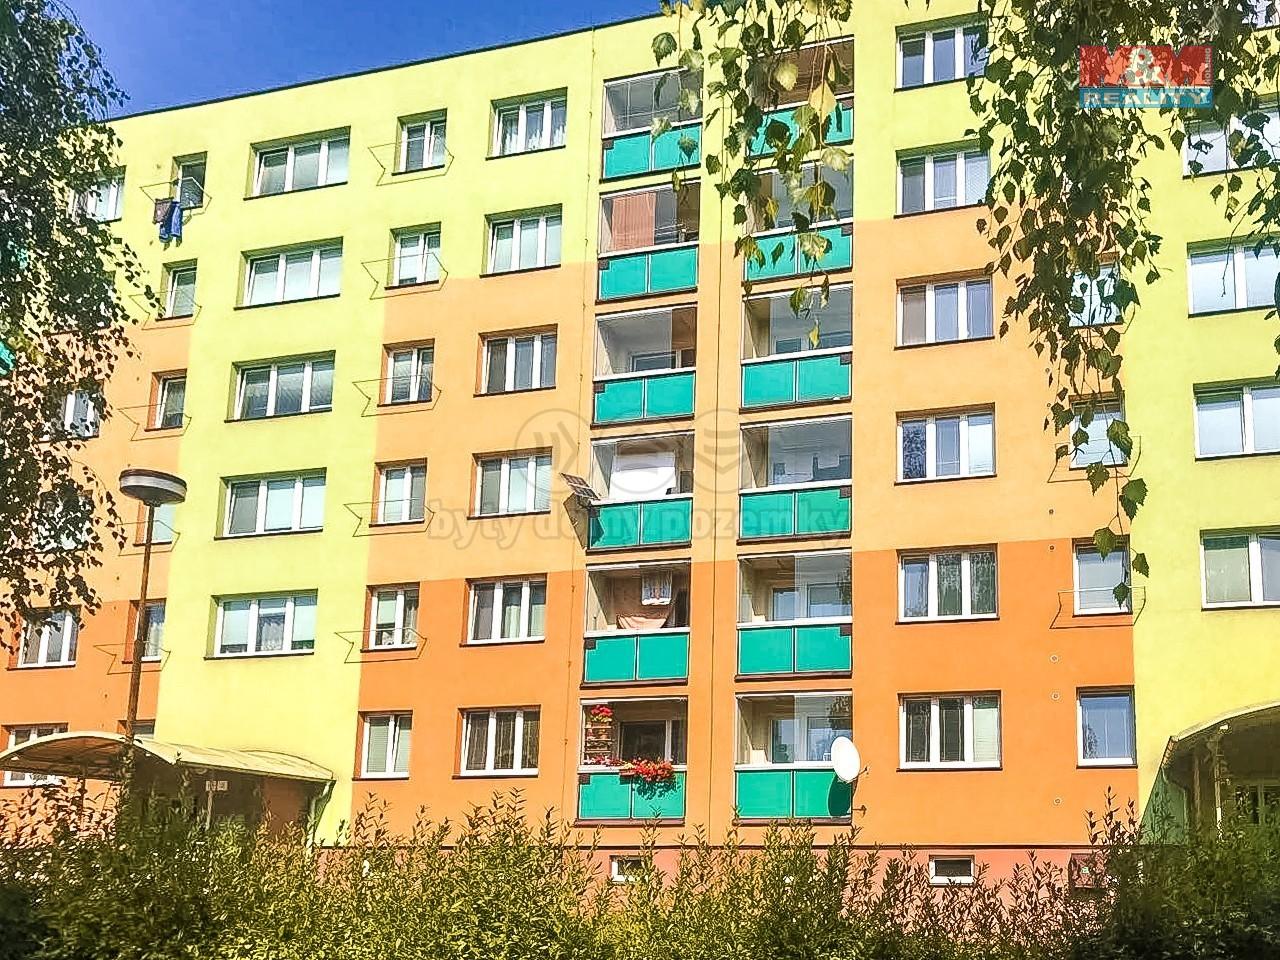 Prodej bytu 2+1, 46 m², Havířov, ul. Marie Pujmanové